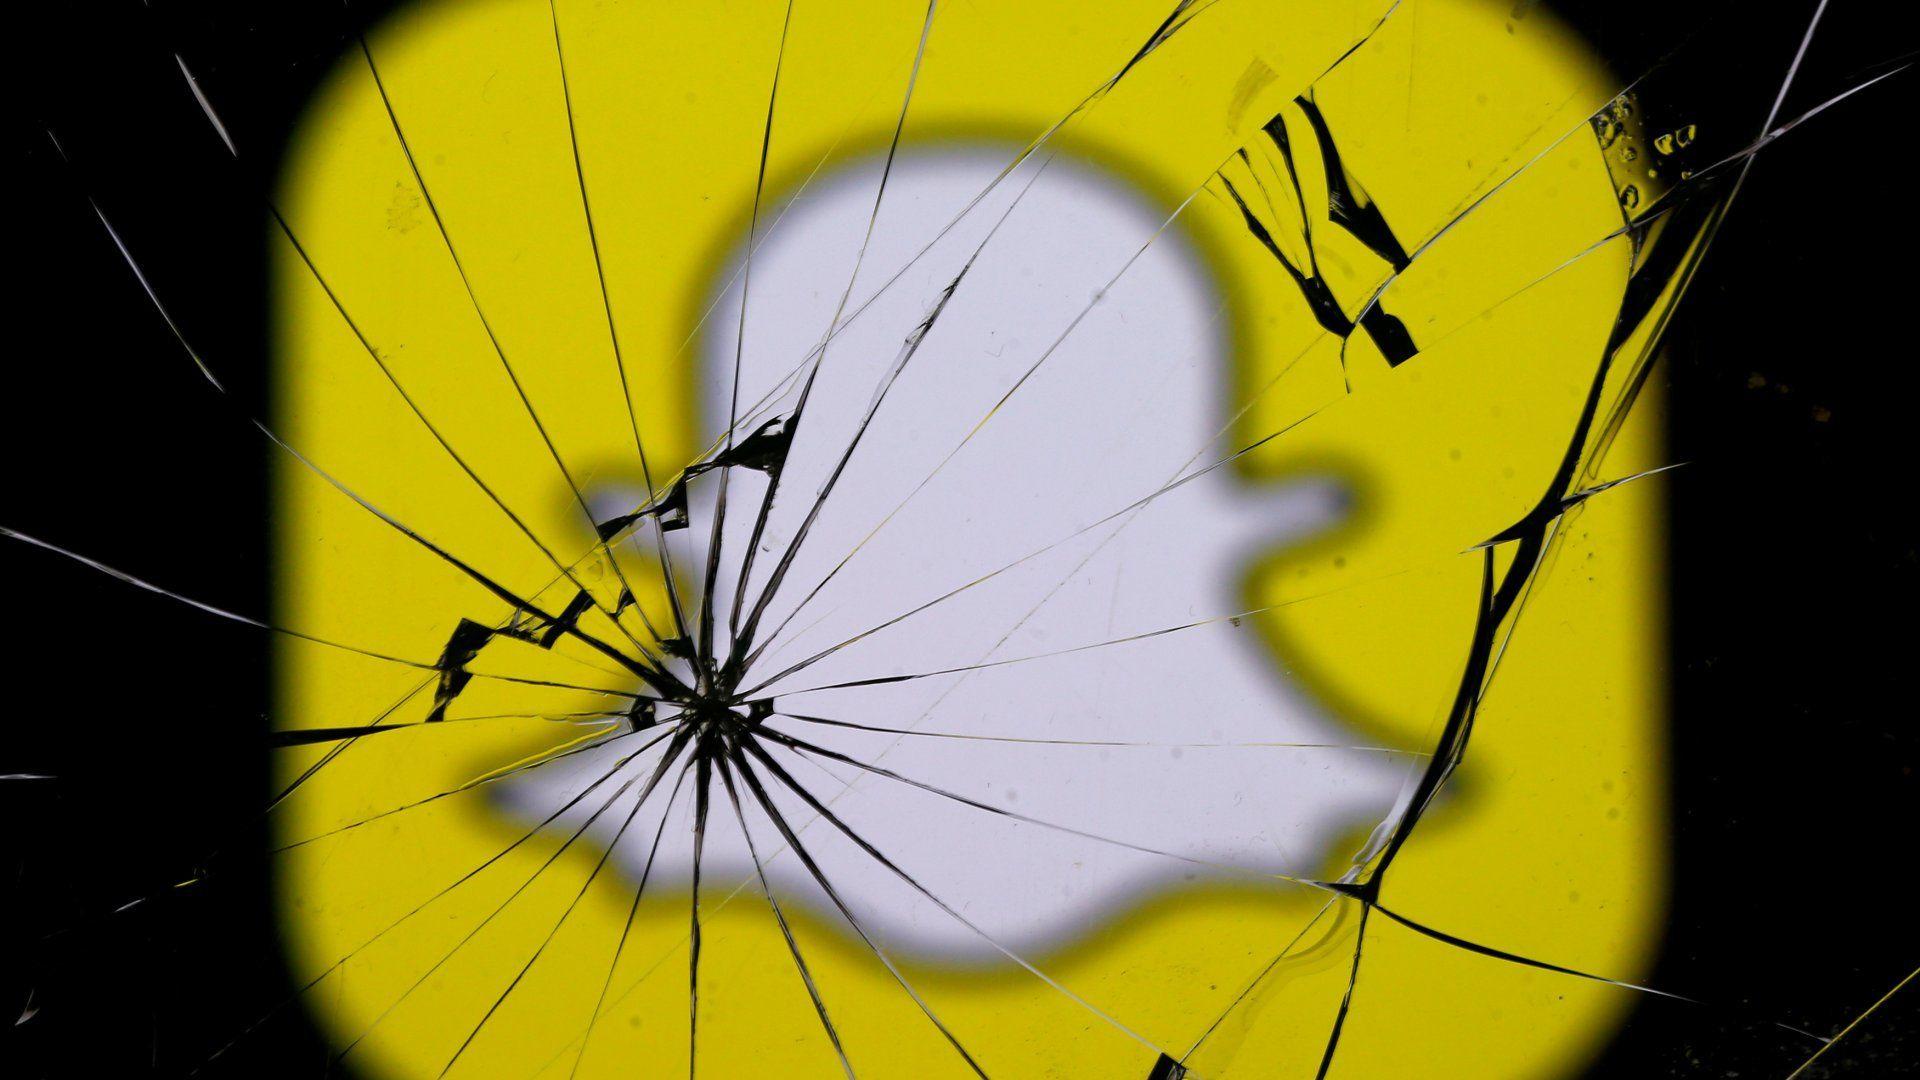 Mistet din «streak» på Snapchat? Slik kan du få den tilbake